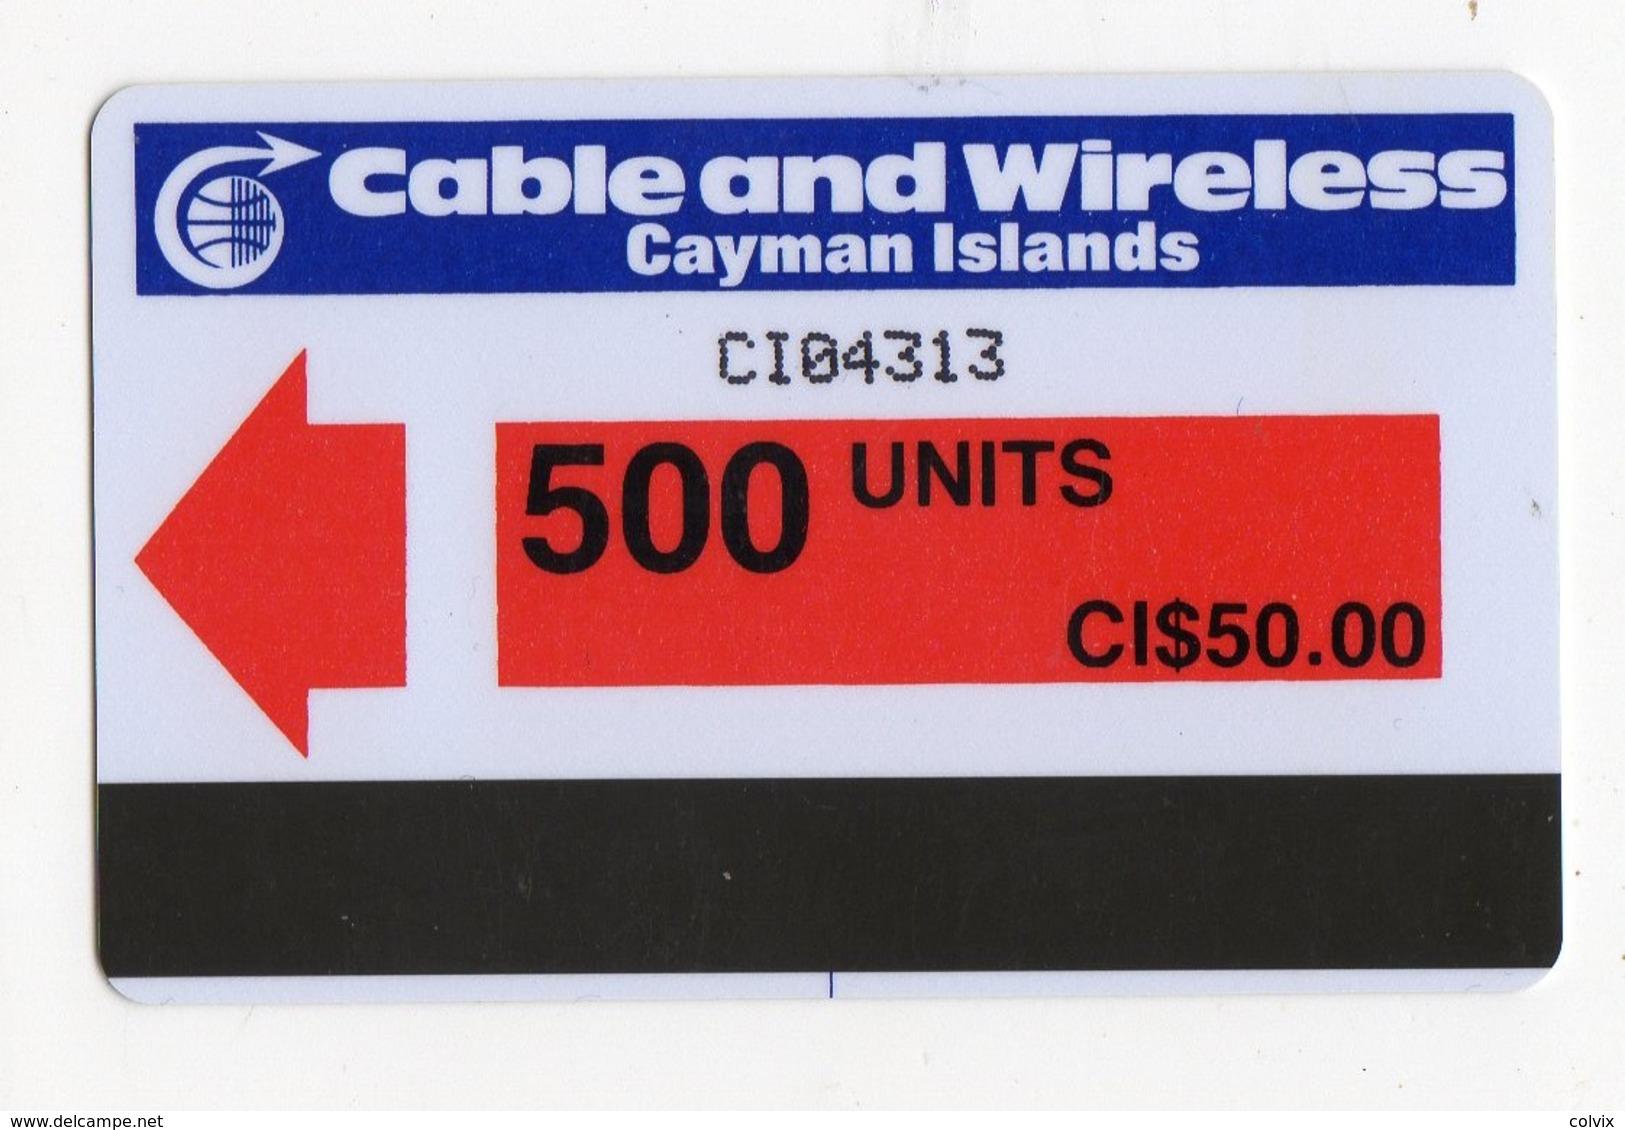 CAYMAN ISLANDS REF MV CARDS CAY-AU3 AUTELCA 500U  Année 1986 CN : CI04313 RED Arrow - Iles Cayman